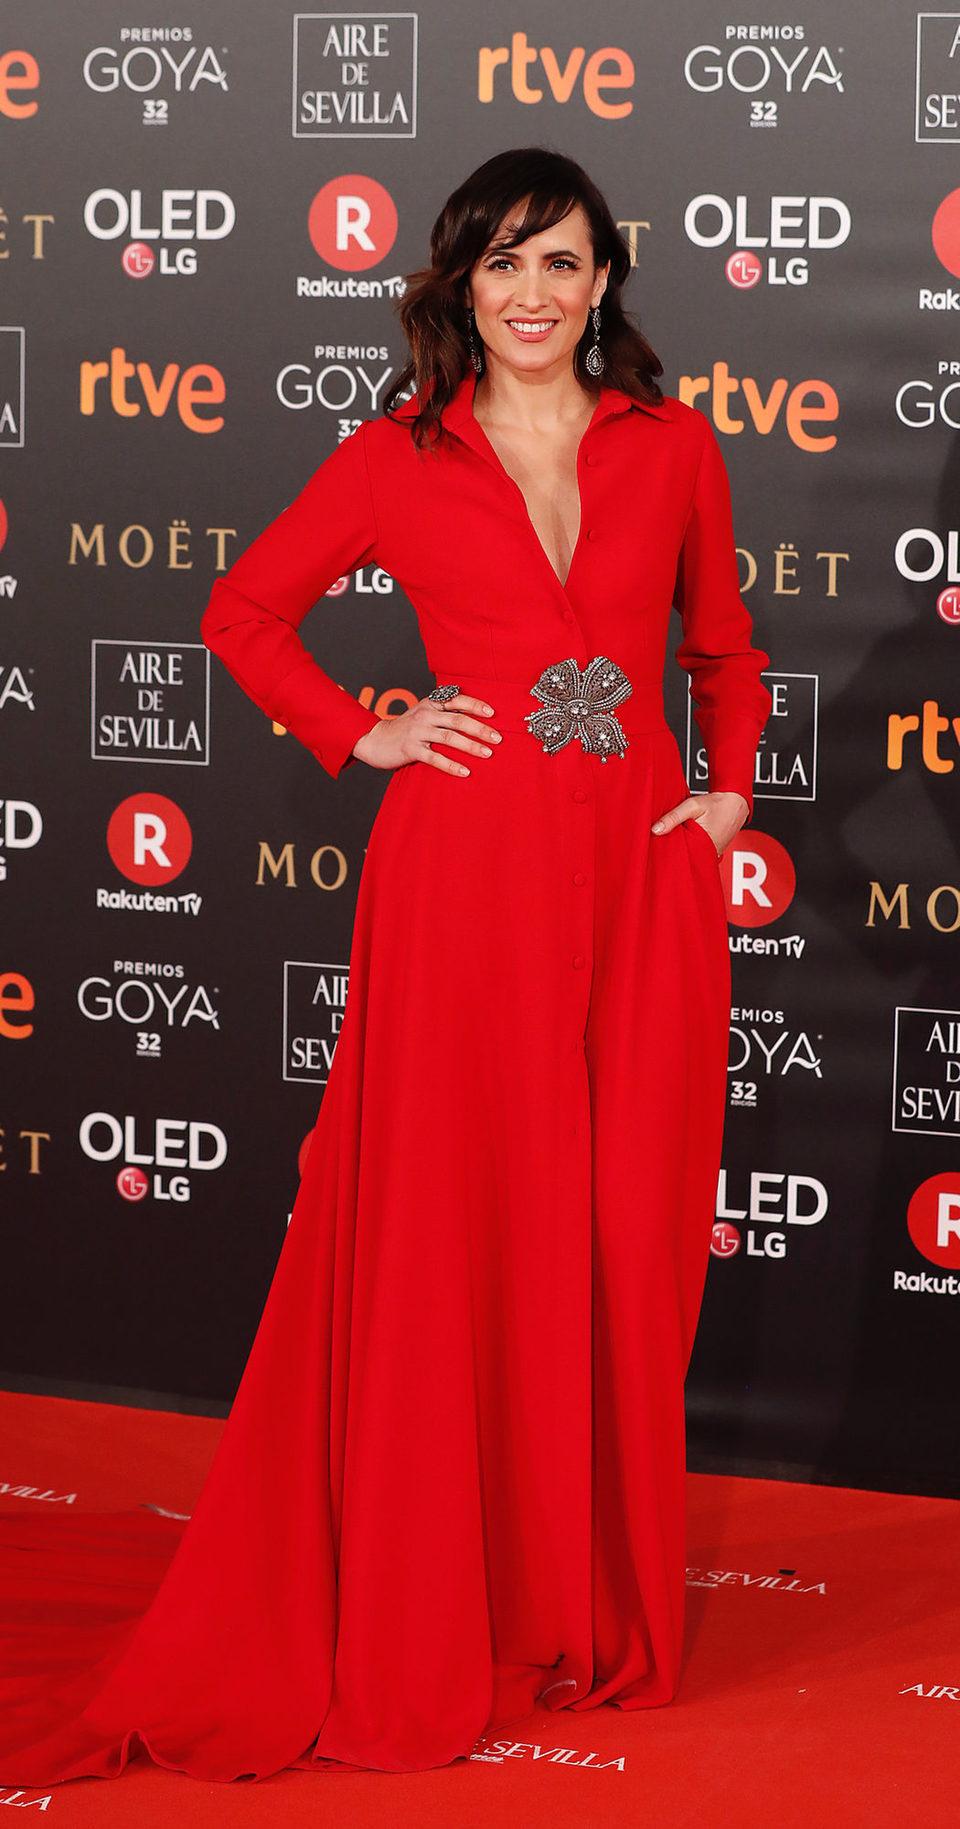 Ana Turpin en la alfombra roja de los Premios Goya 2018